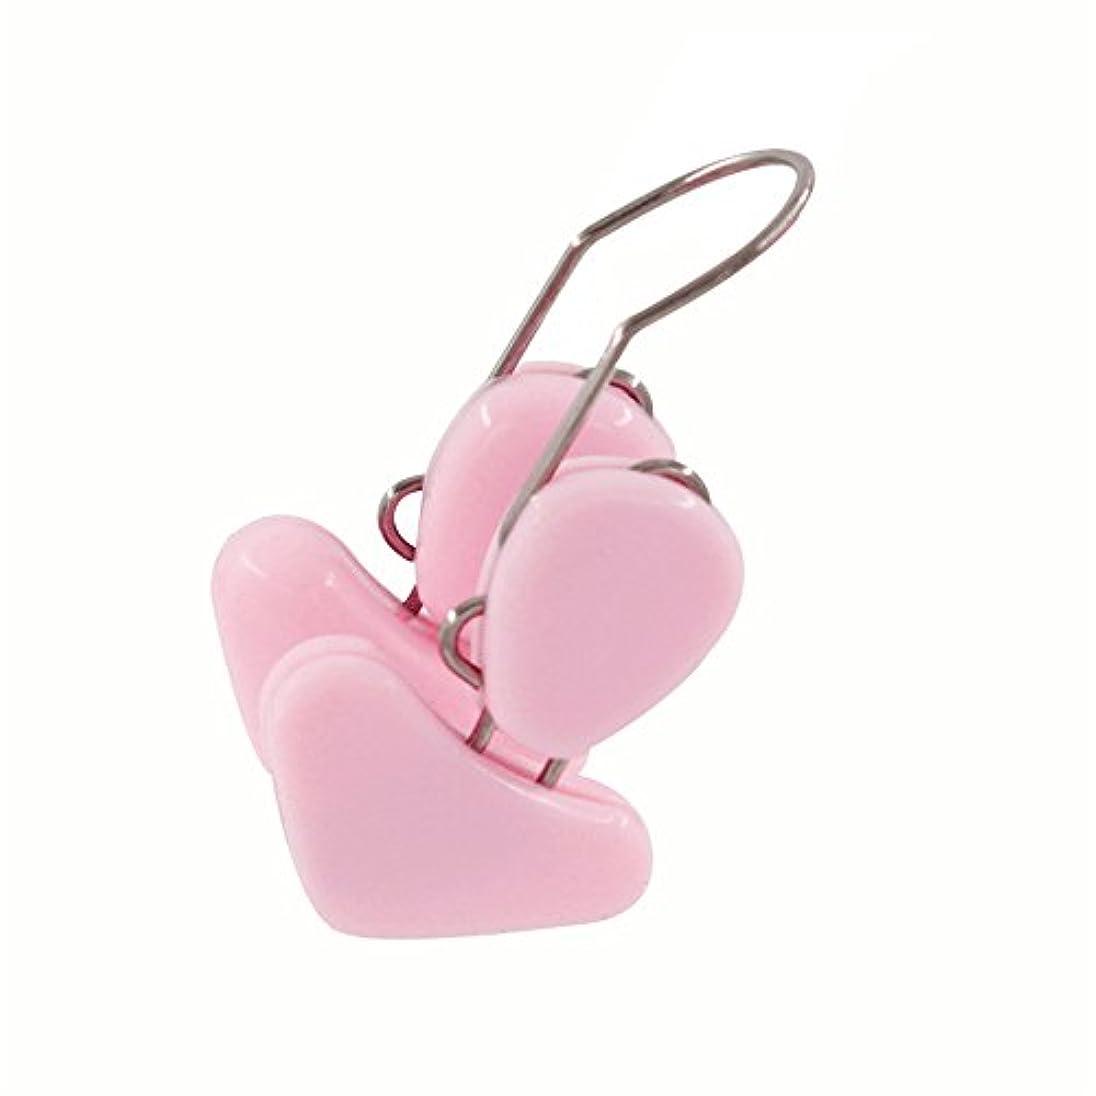 ヒープ霧深い死傷者鼻 整のクリップ 整形キット 美容クリップ ノーズリフティングシェイパー ストレートホーニングツール ピンク